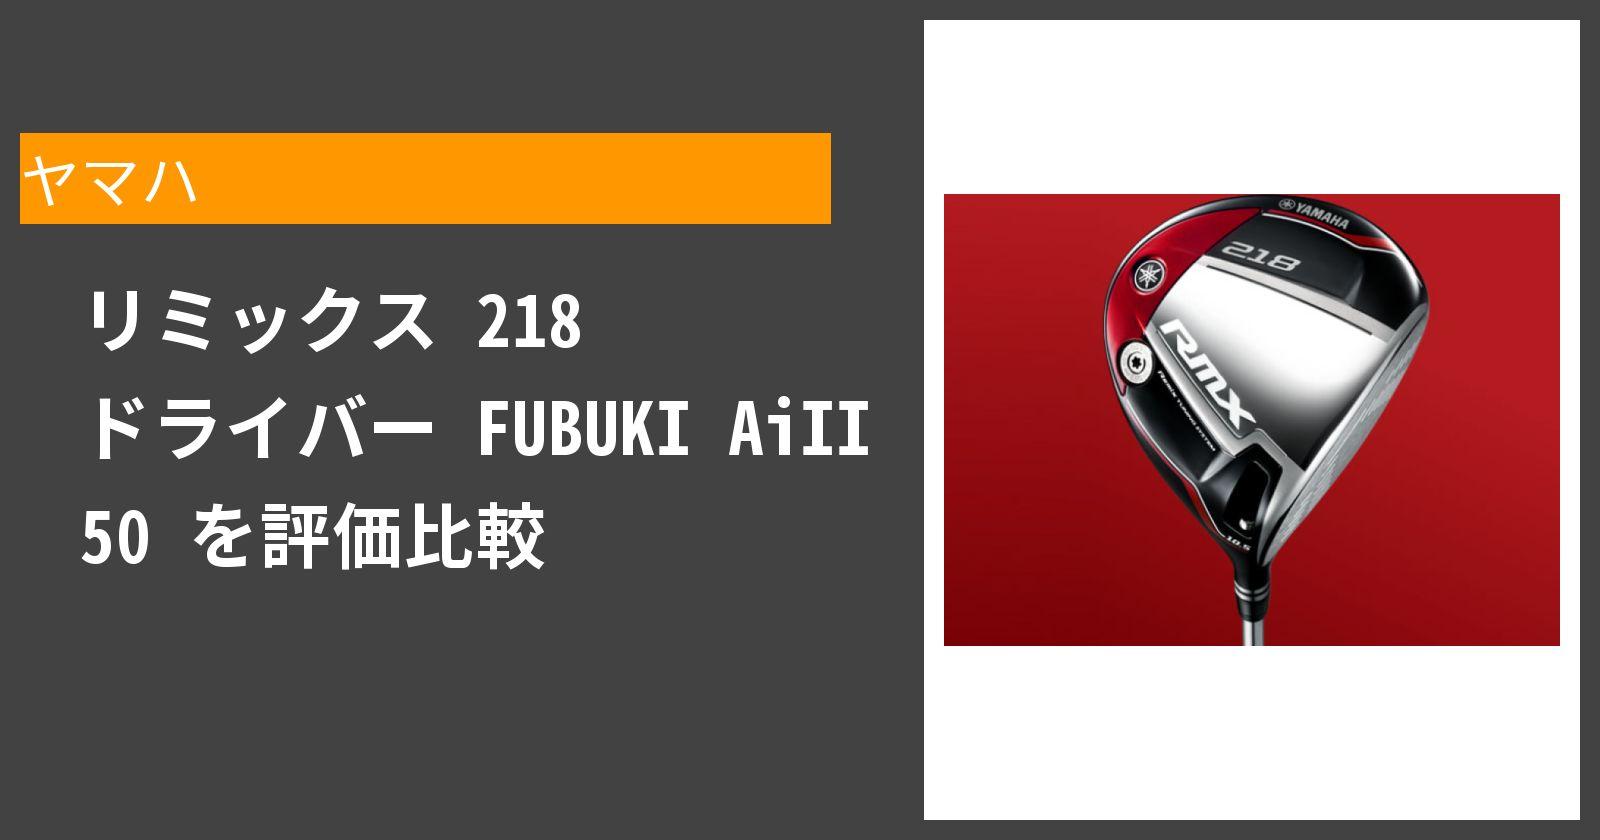 リミックス 218 ドライバー FUBUKI AiII 50を徹底評価